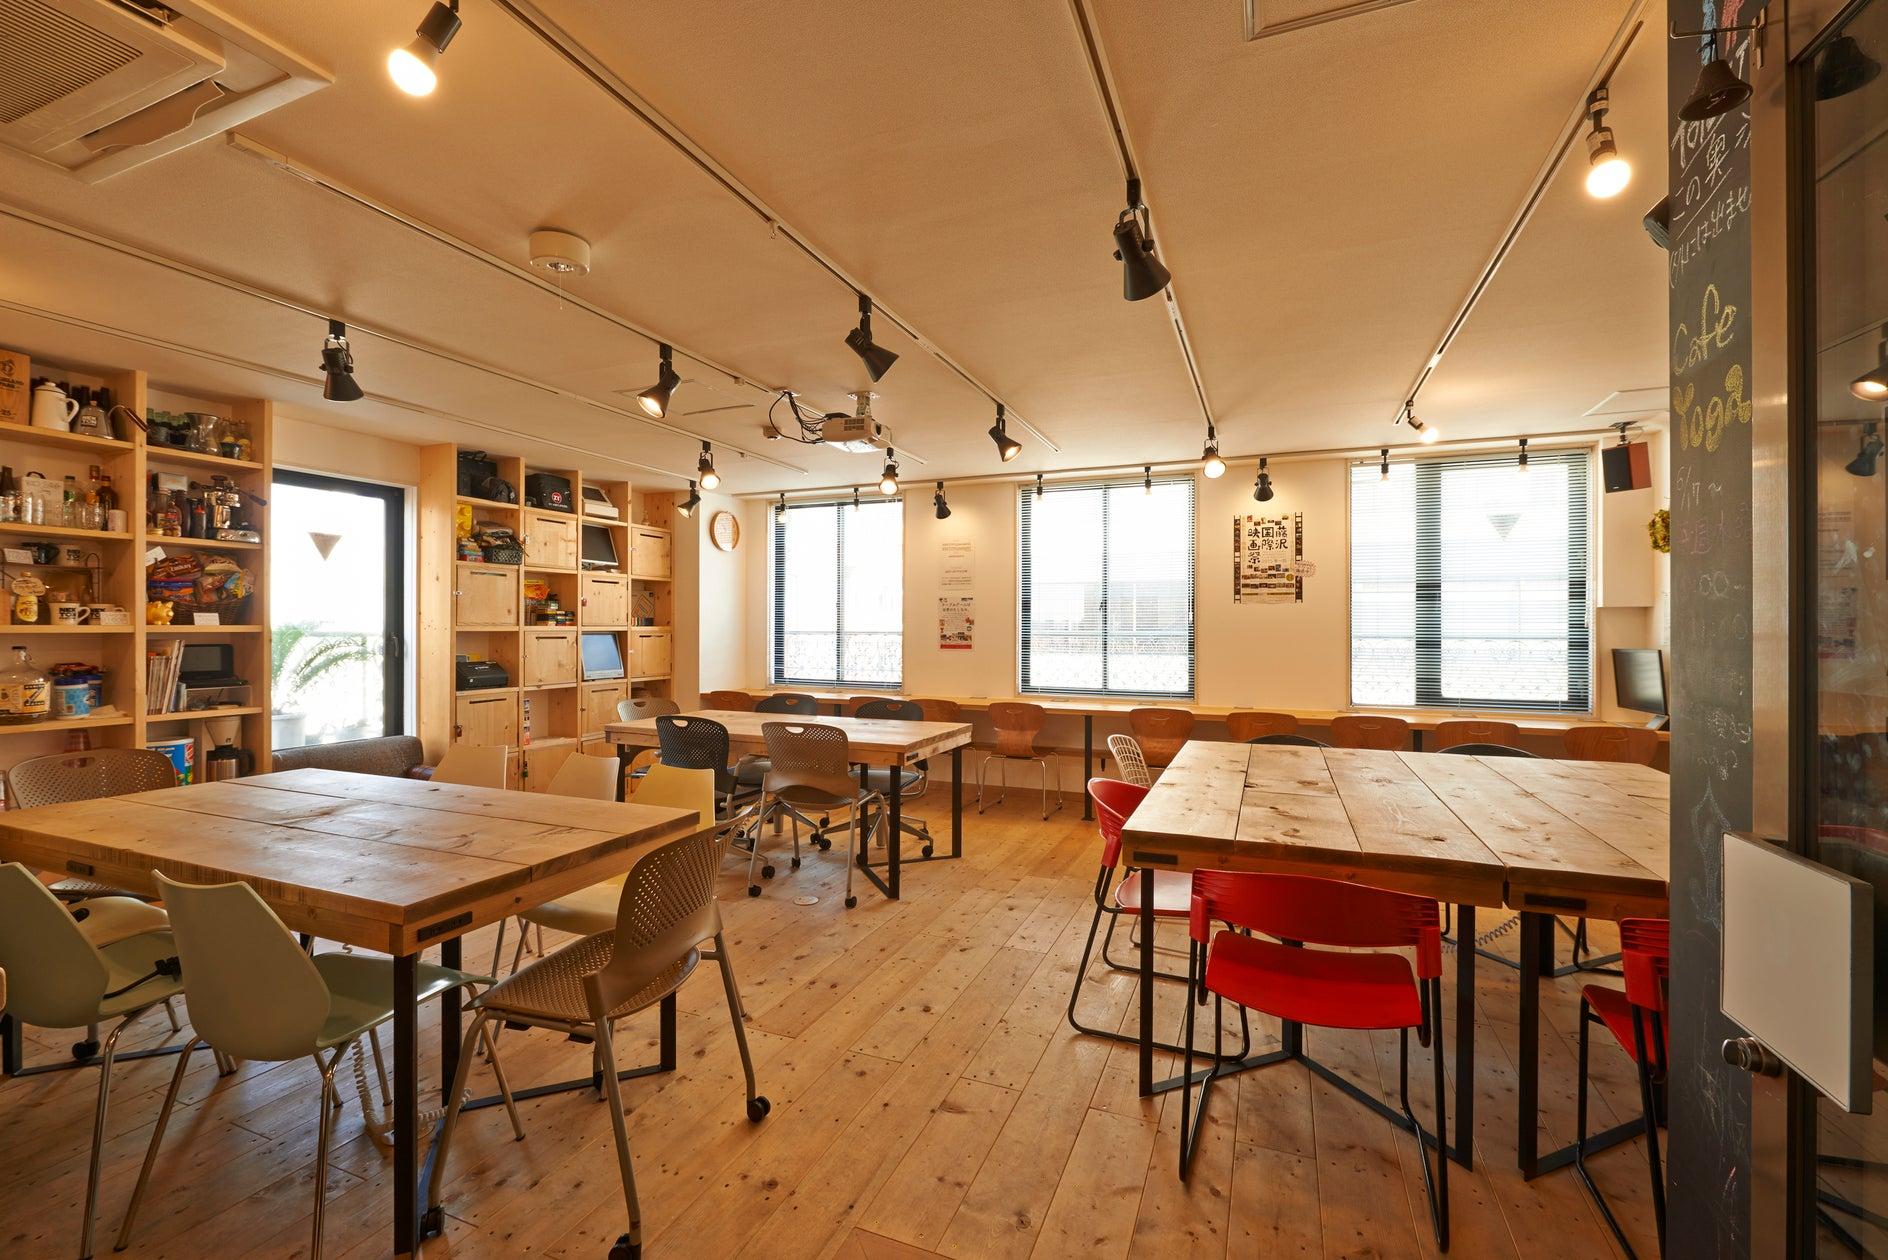 【湘南・藤沢】★ゆったり1日&半日貸切★コワーキングカフェ空間|パーティーや会議やワークショップや料理教室も! のサムネイル